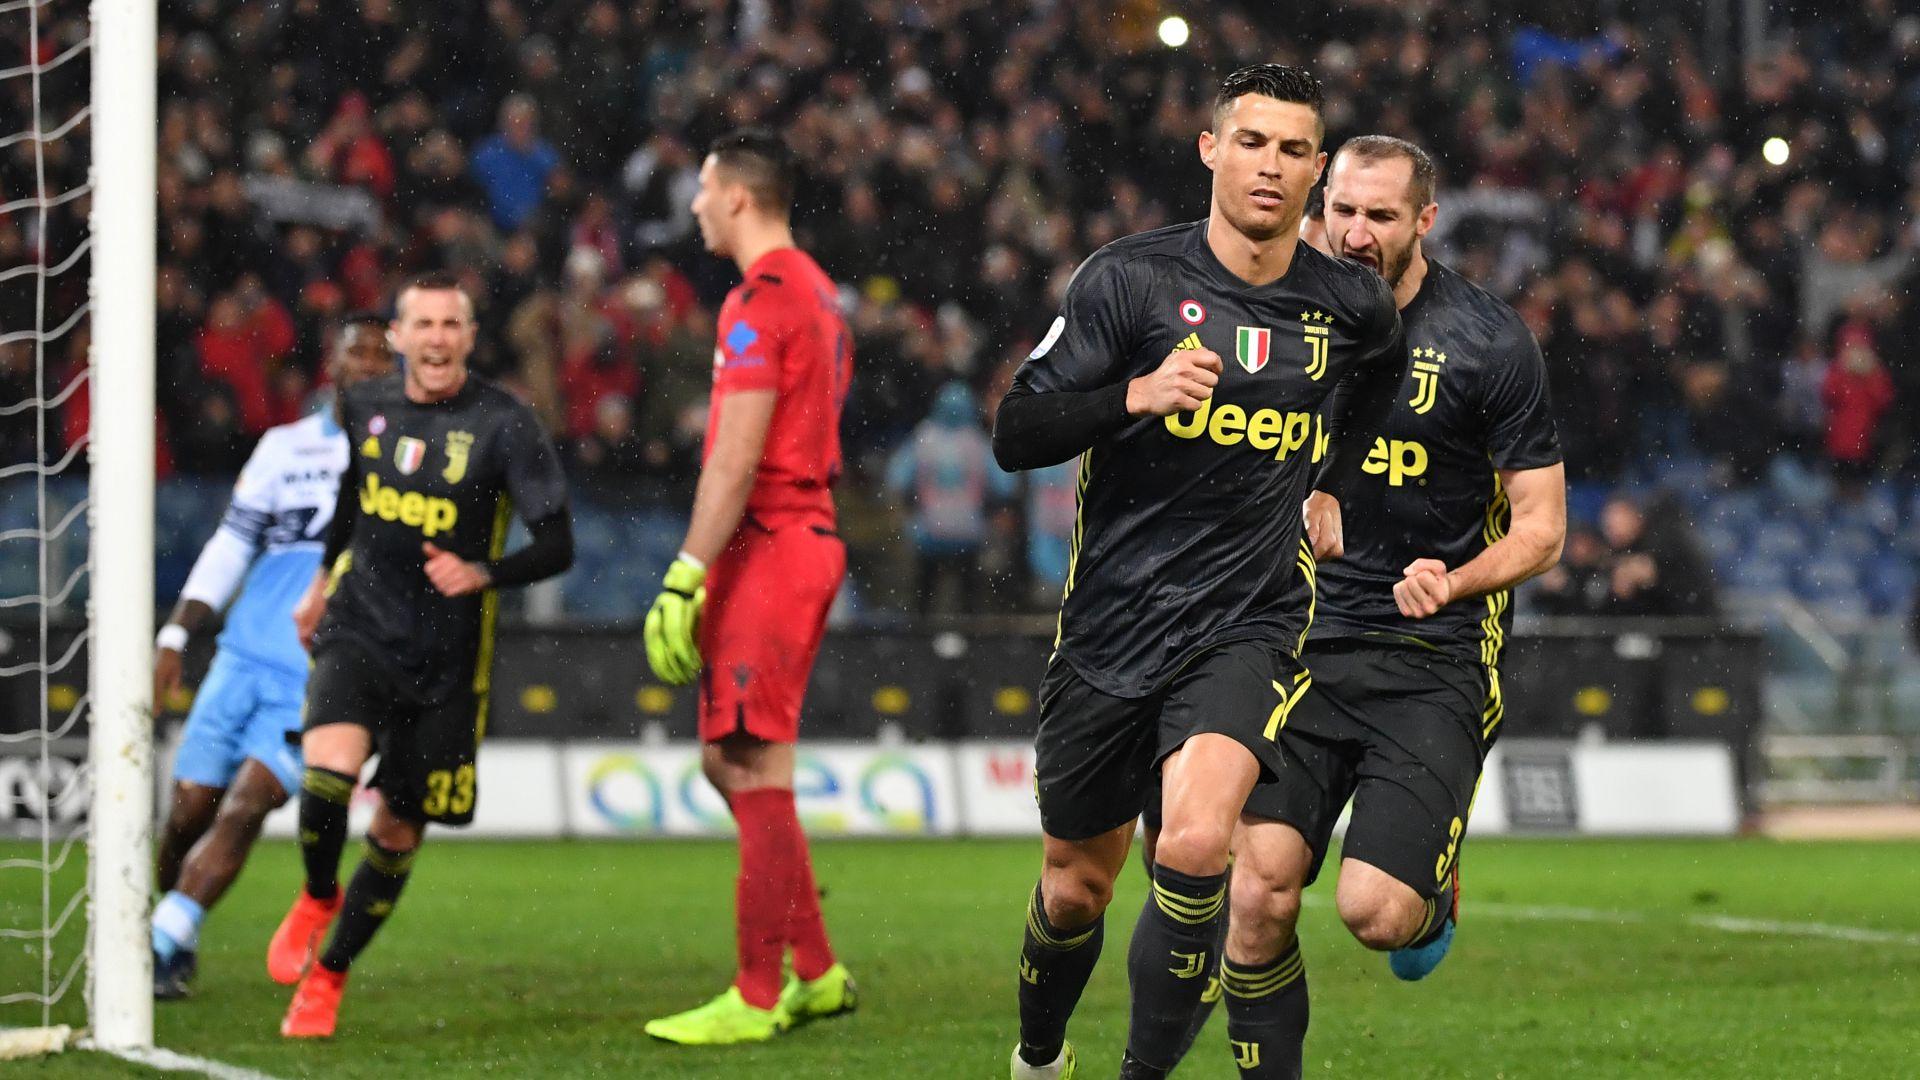 Il regalo di Ronaldo alla tifosa colpita con una pallonata